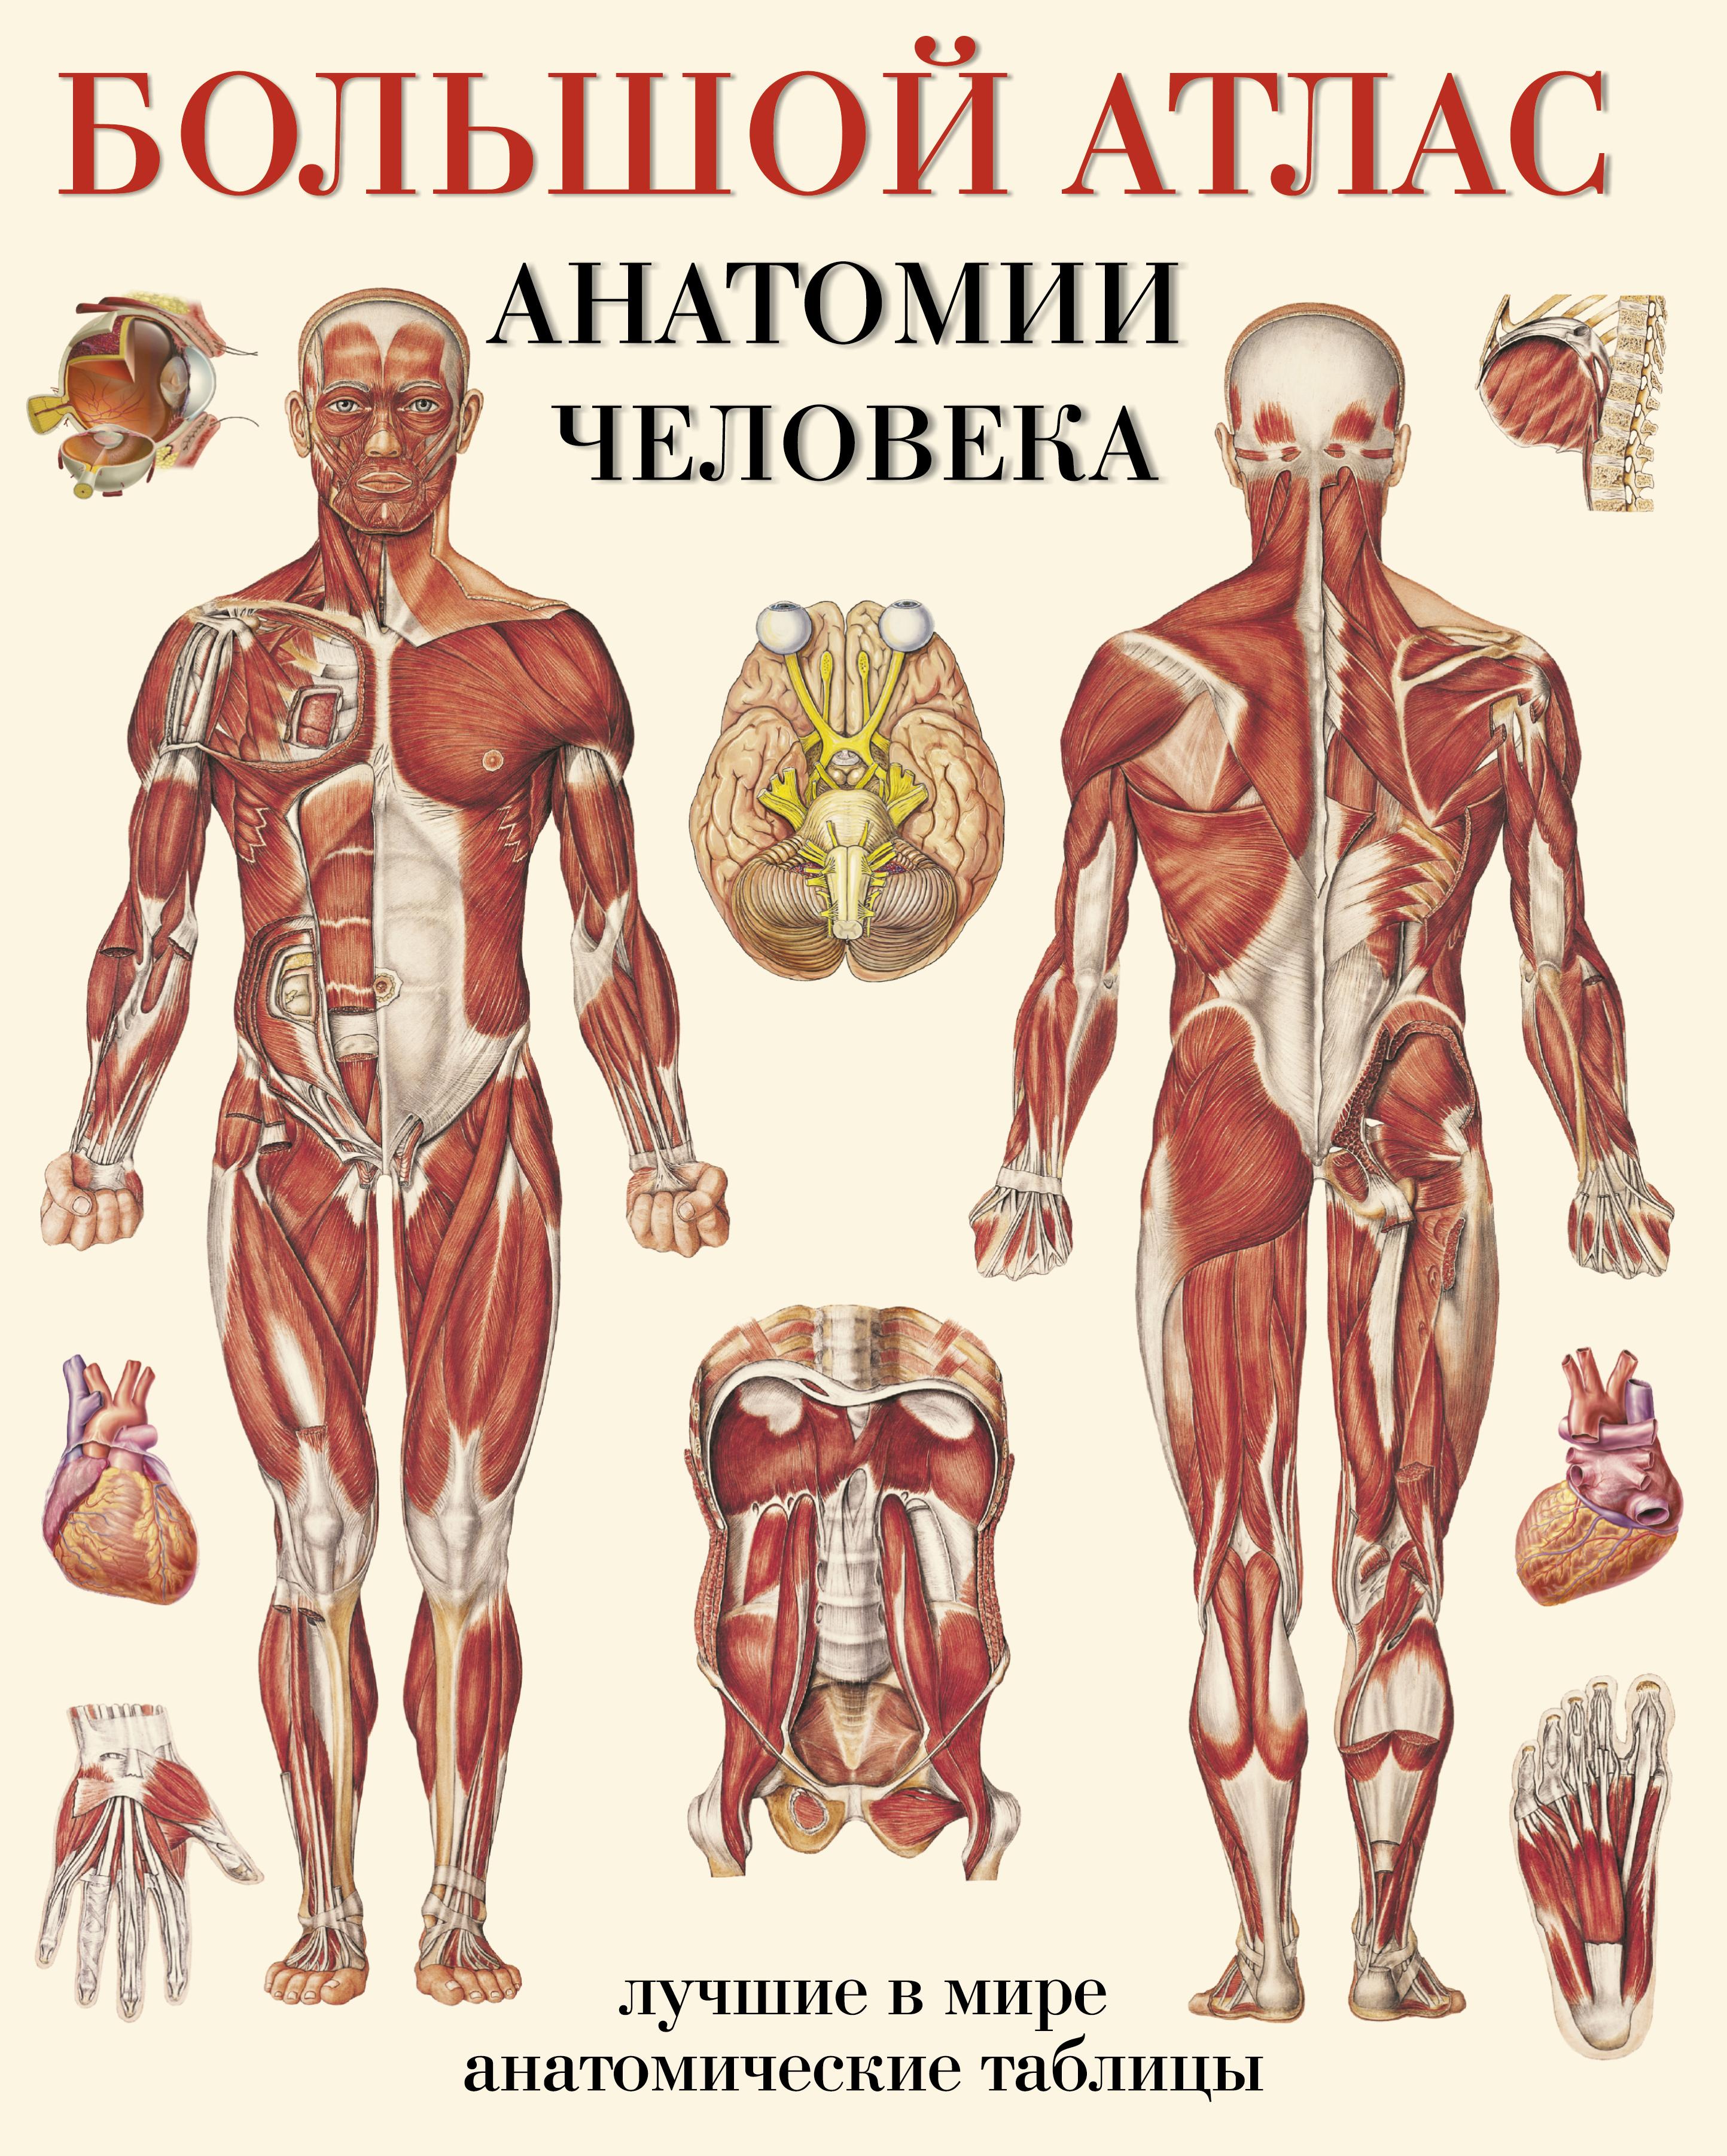 Большой атлас анатомии человека ( Махиянова Е.Б.  )